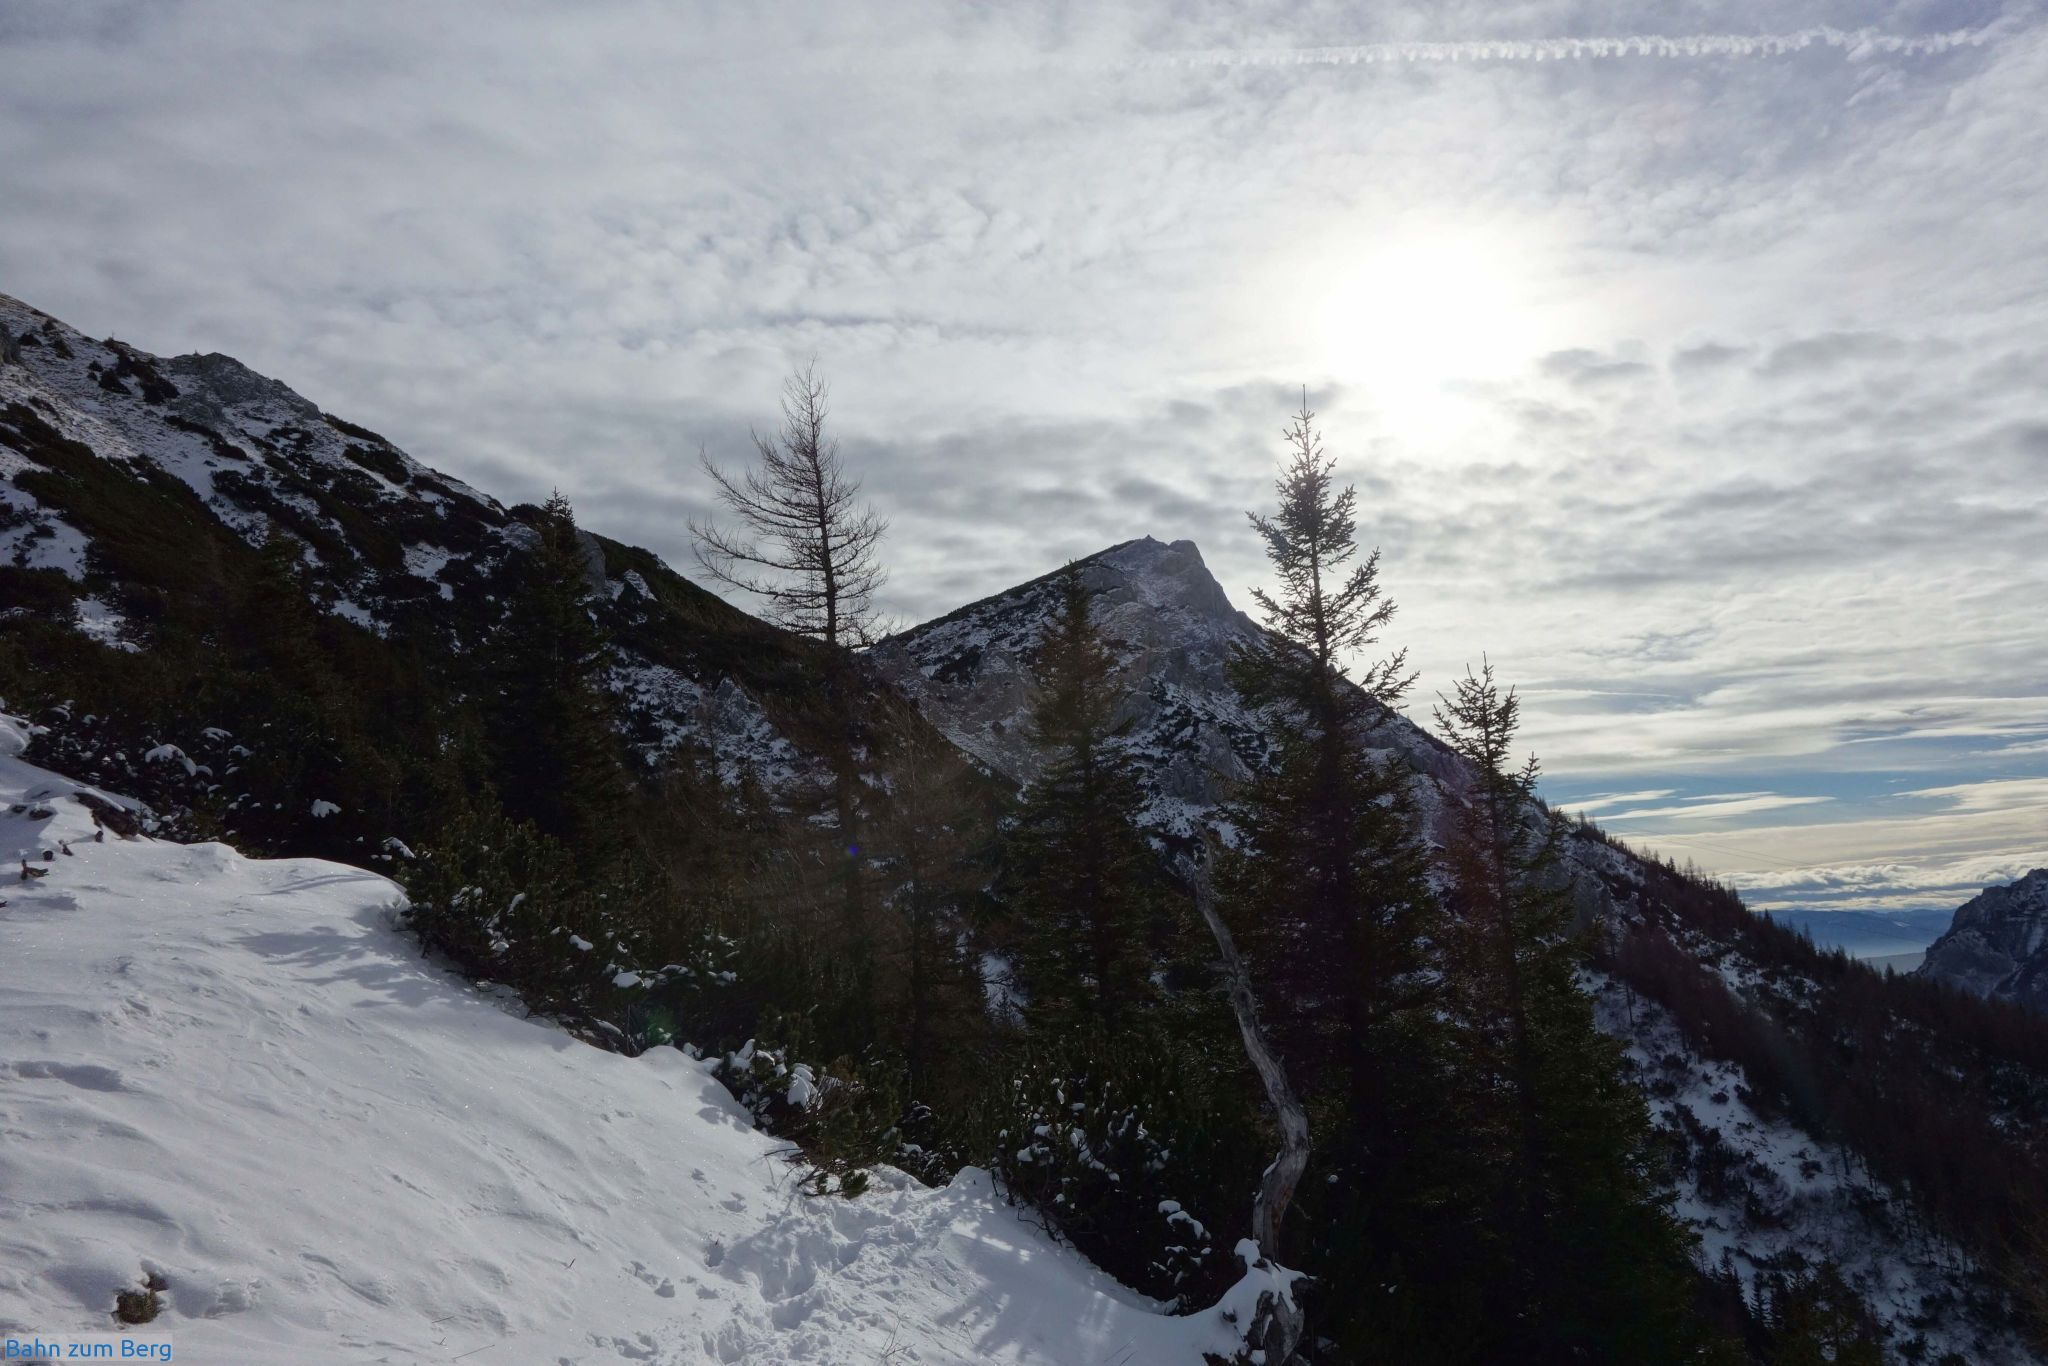 Die letzten paar Höhenmeter zur Leobner Mauer hinauf.